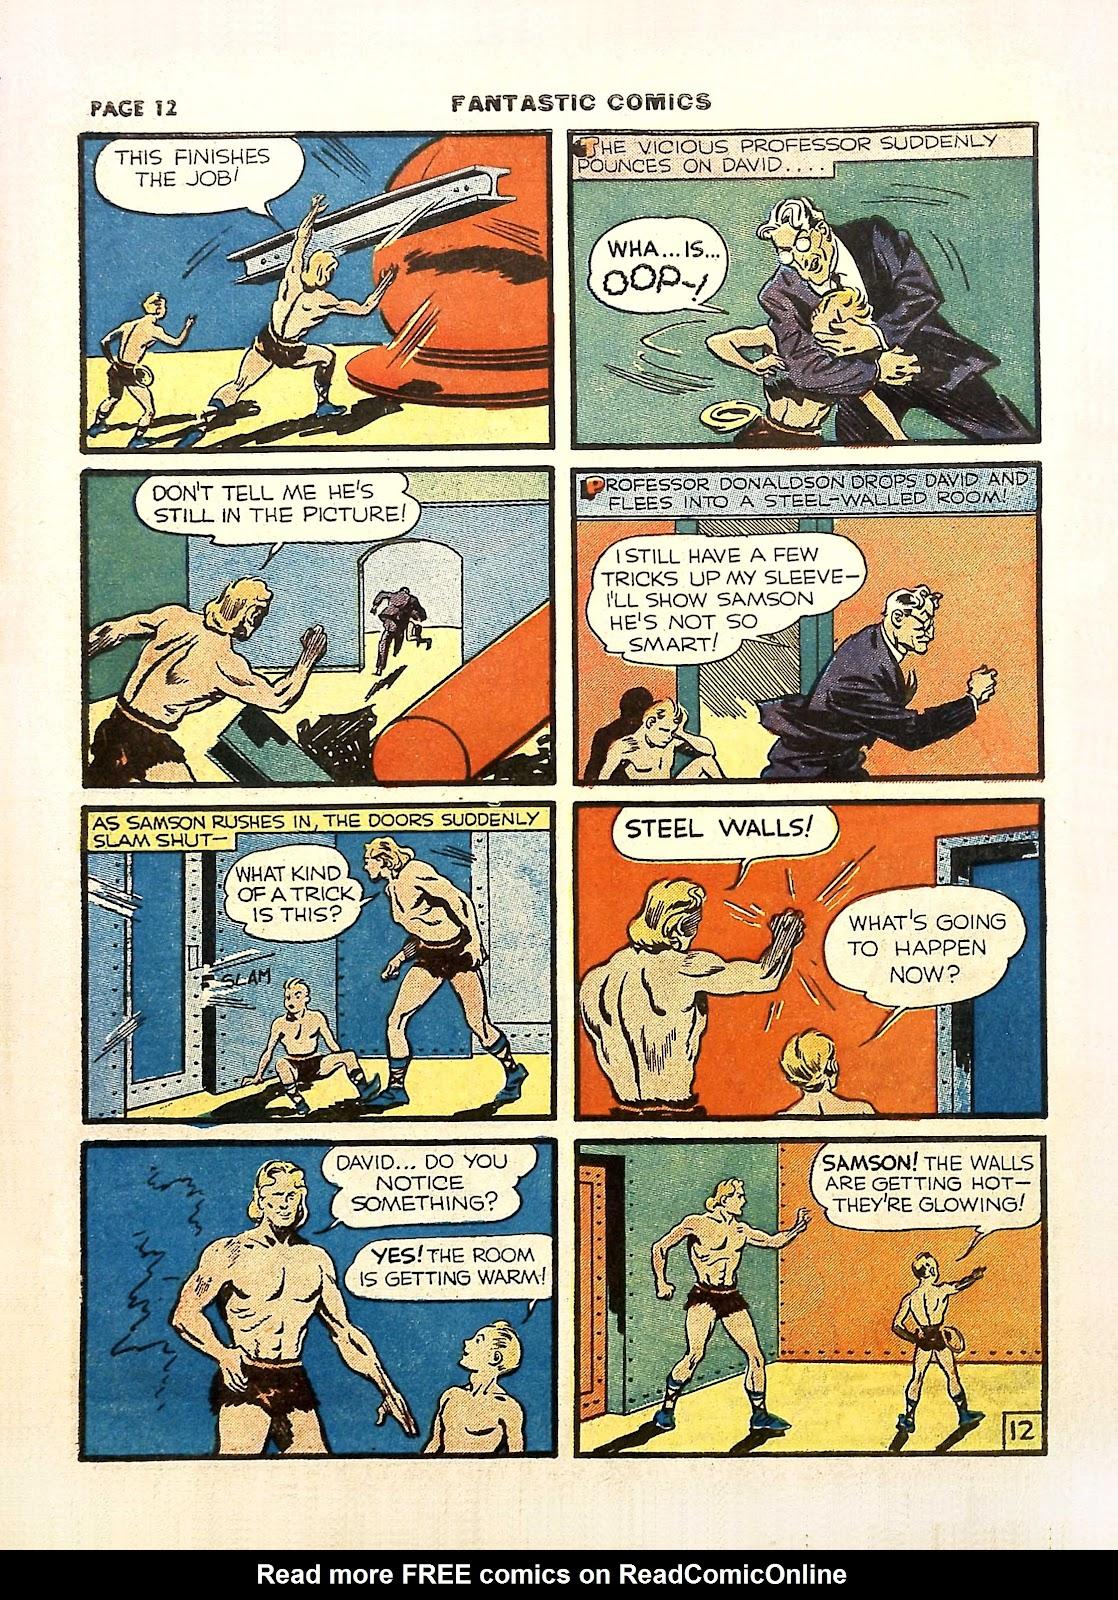 Read online Fantastic Comics comic -  Issue #11 - 15